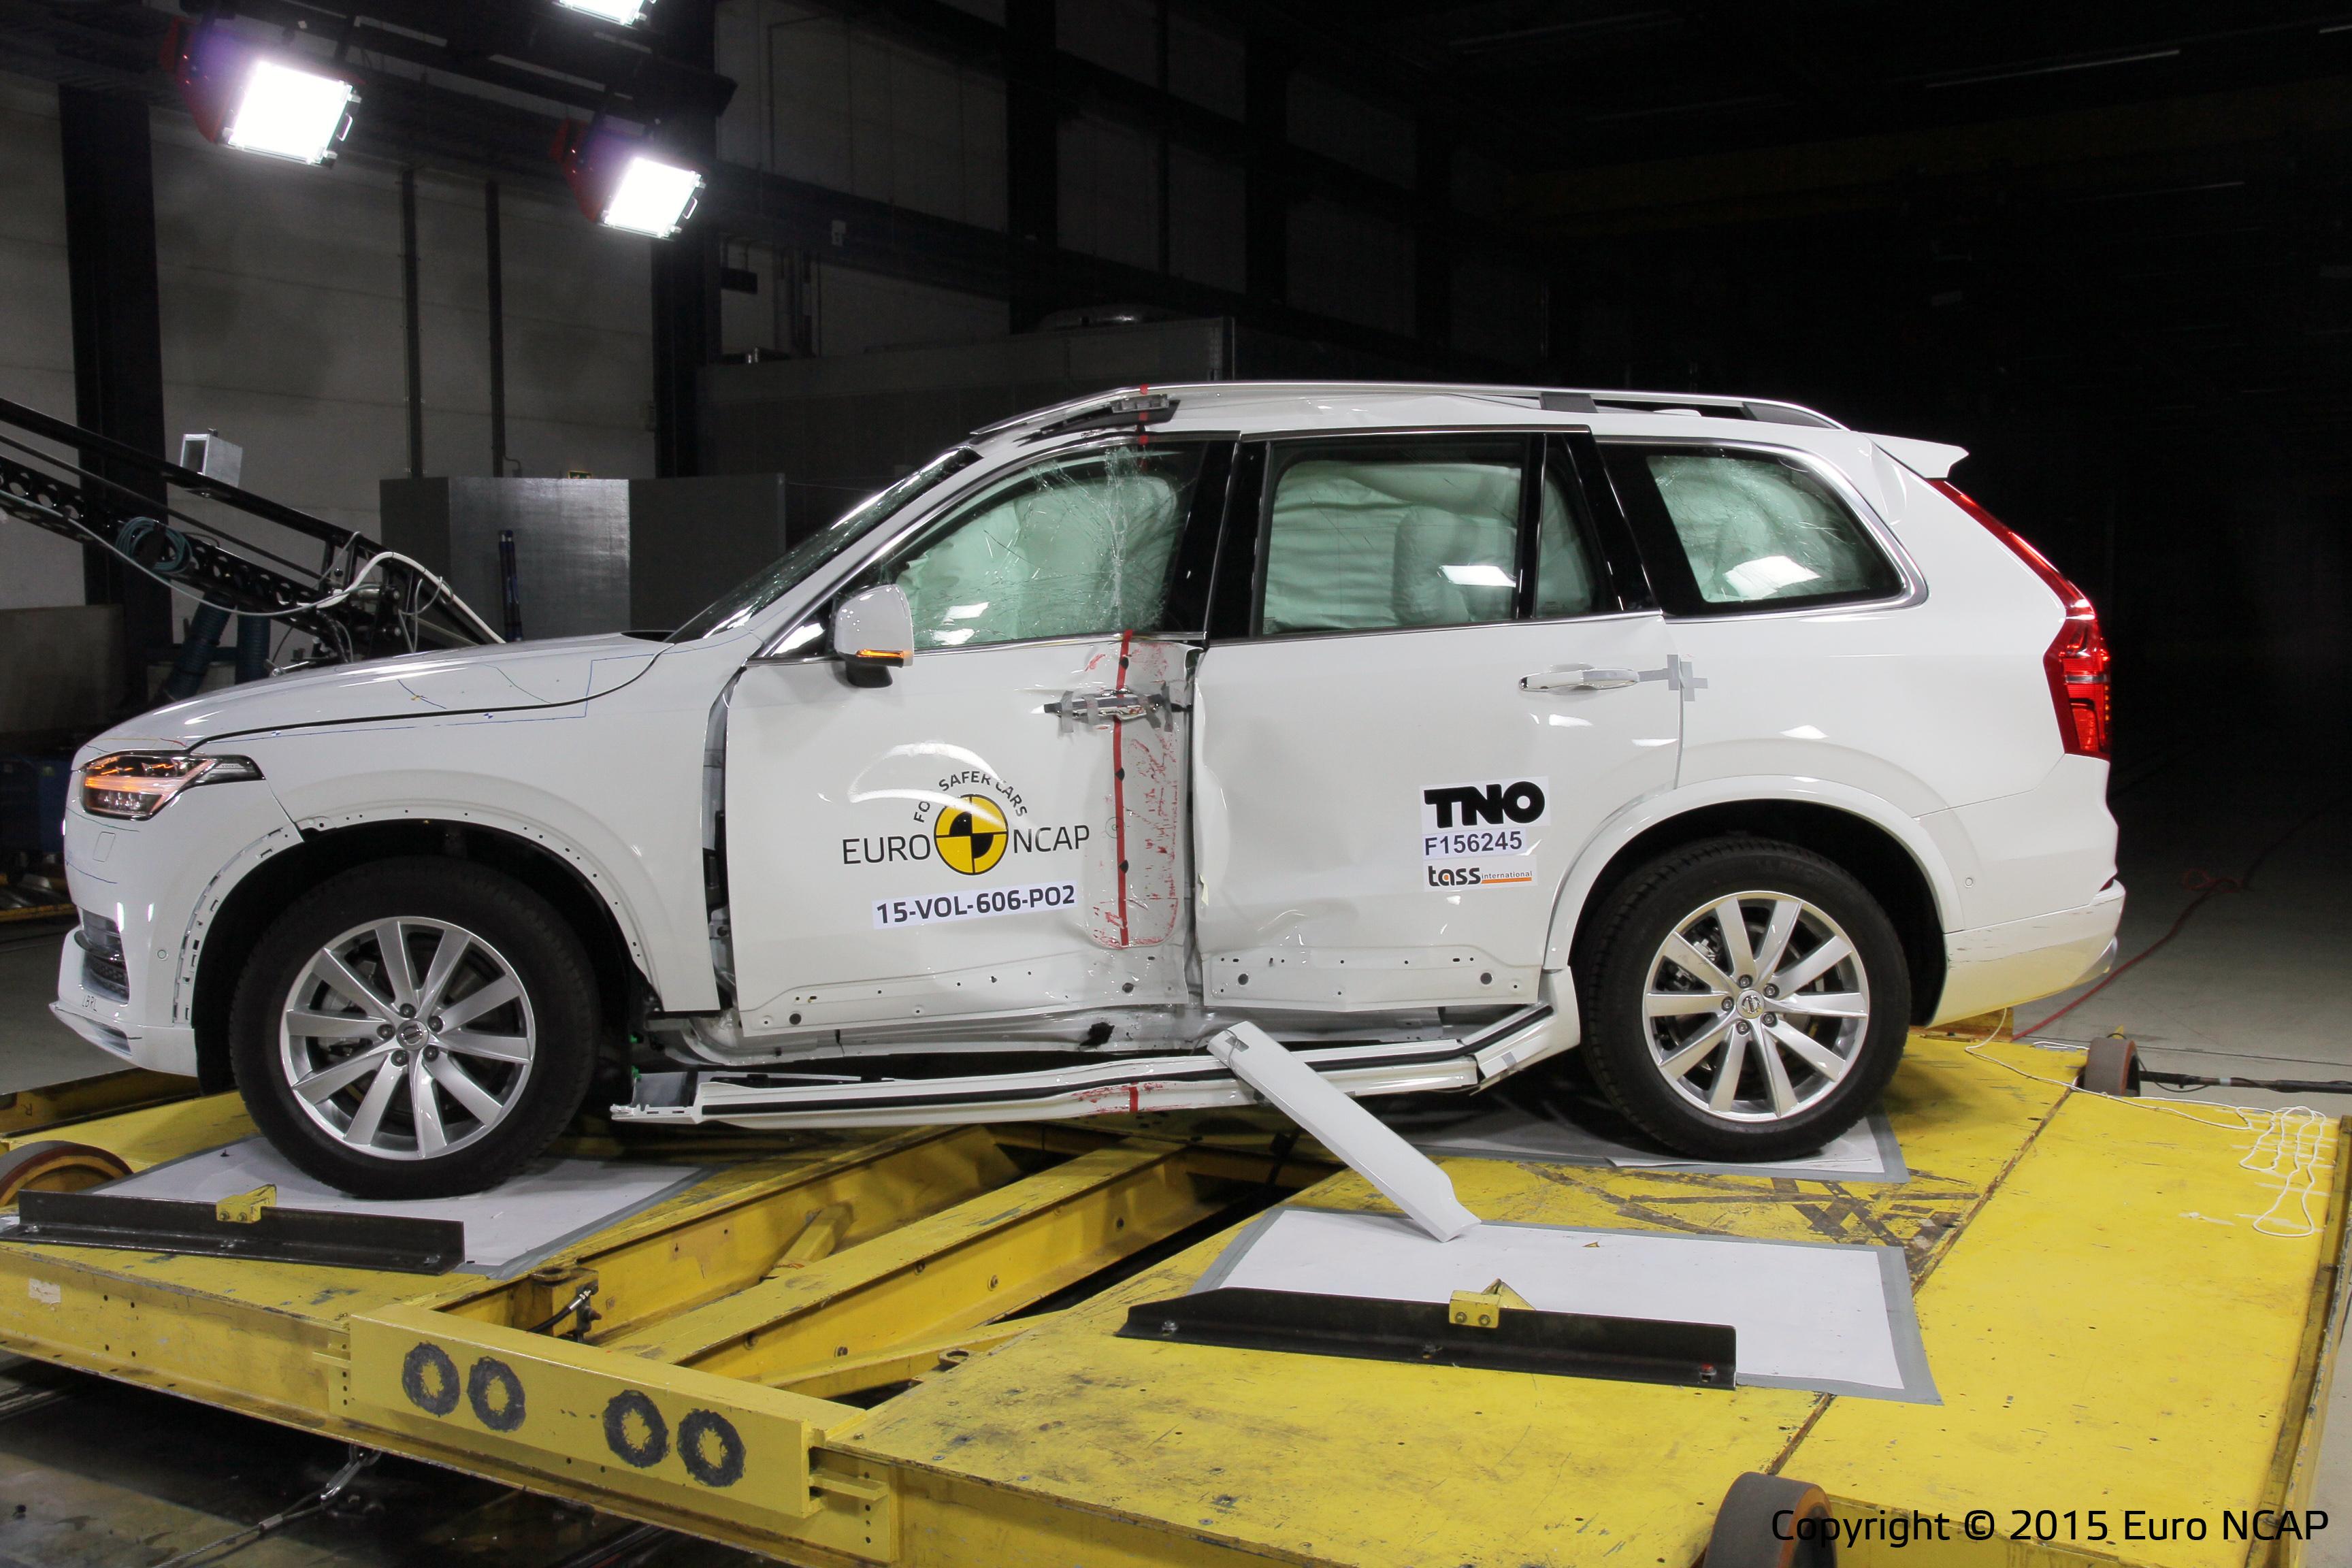 Volvo reageerde meteen op een klein probleempje met de zijairbags. Euro NCAP testte opnieuw, eigenaren van ongemodificeerde XC90's met drie zitrijen krijgen een gratis aanpassing.